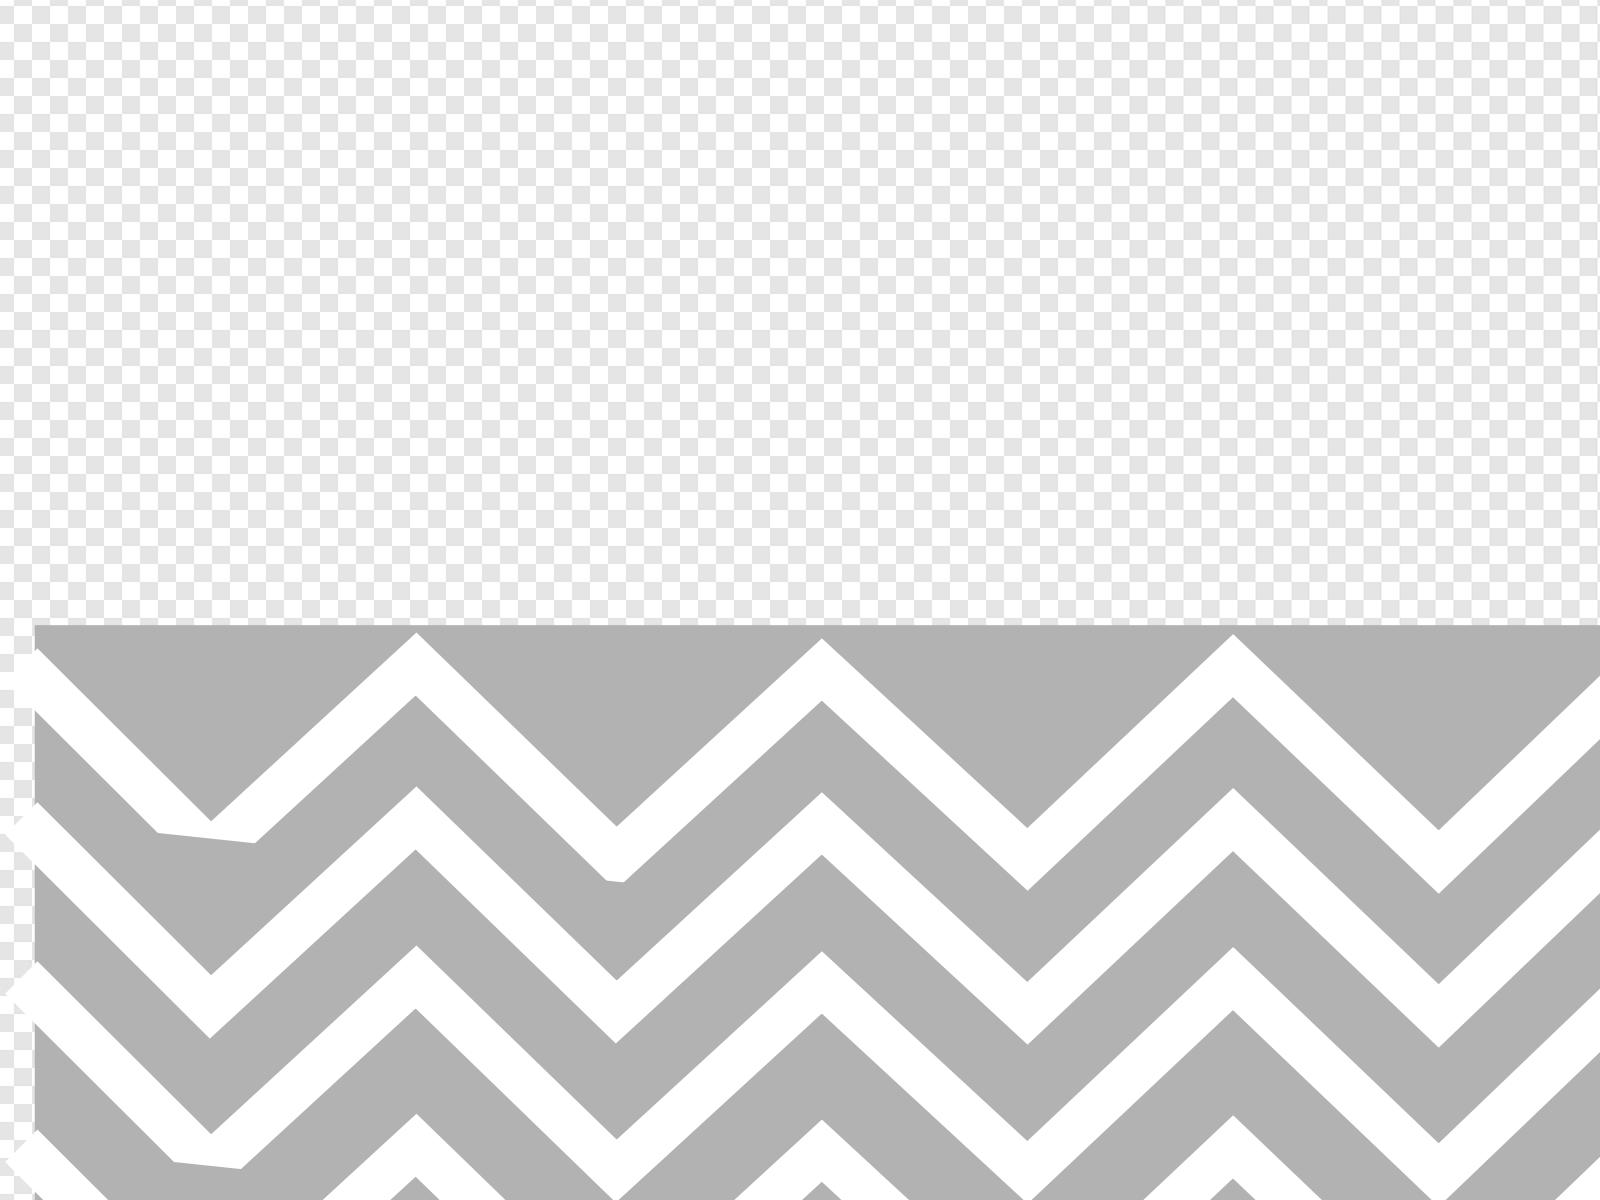 Gray Chevron Clip art, Icon and SVG.